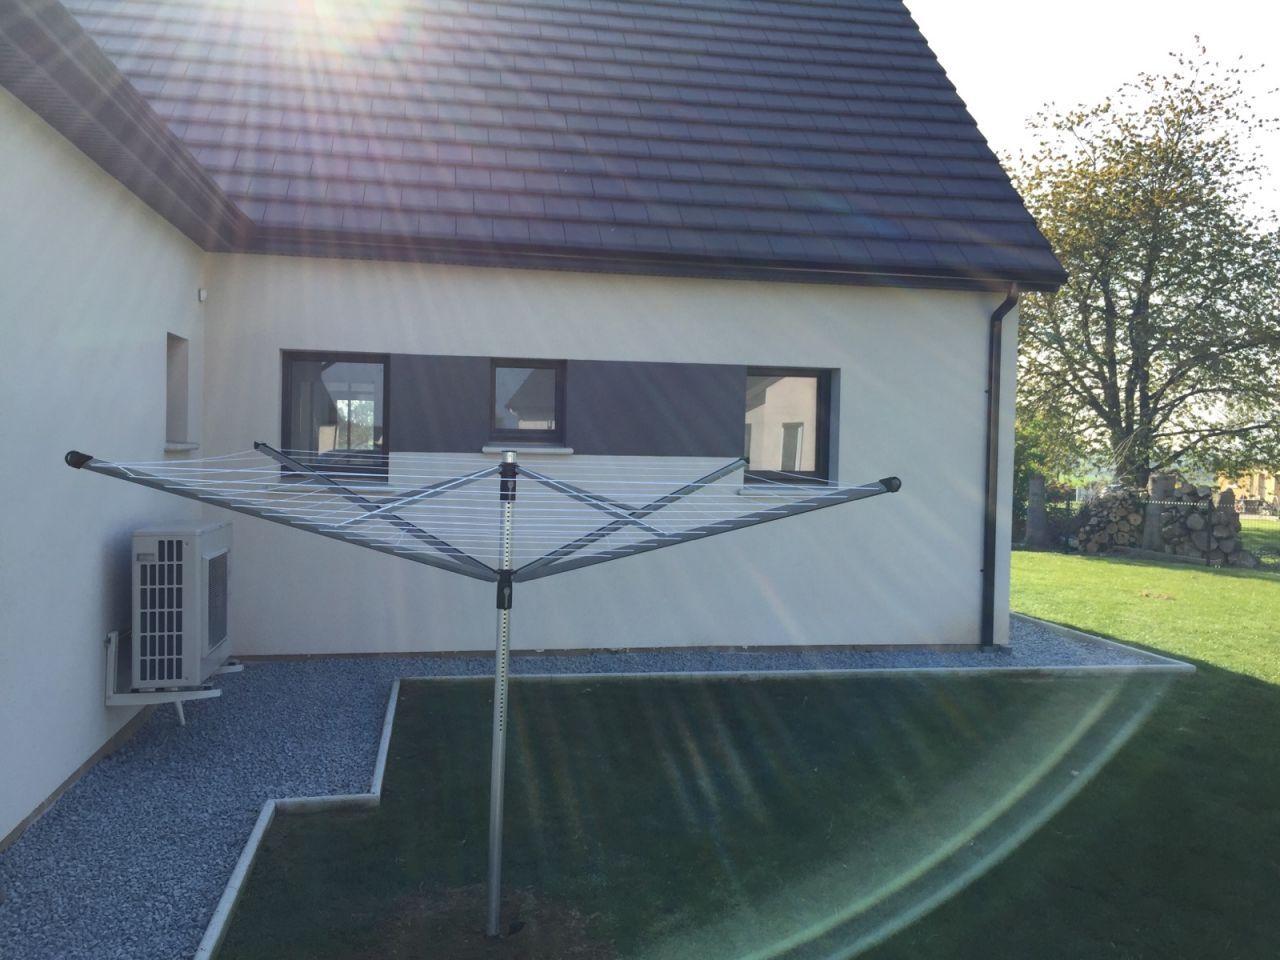 Gravier Autour De La Maison graviers autour de la maison | maison, aménagement extérieur